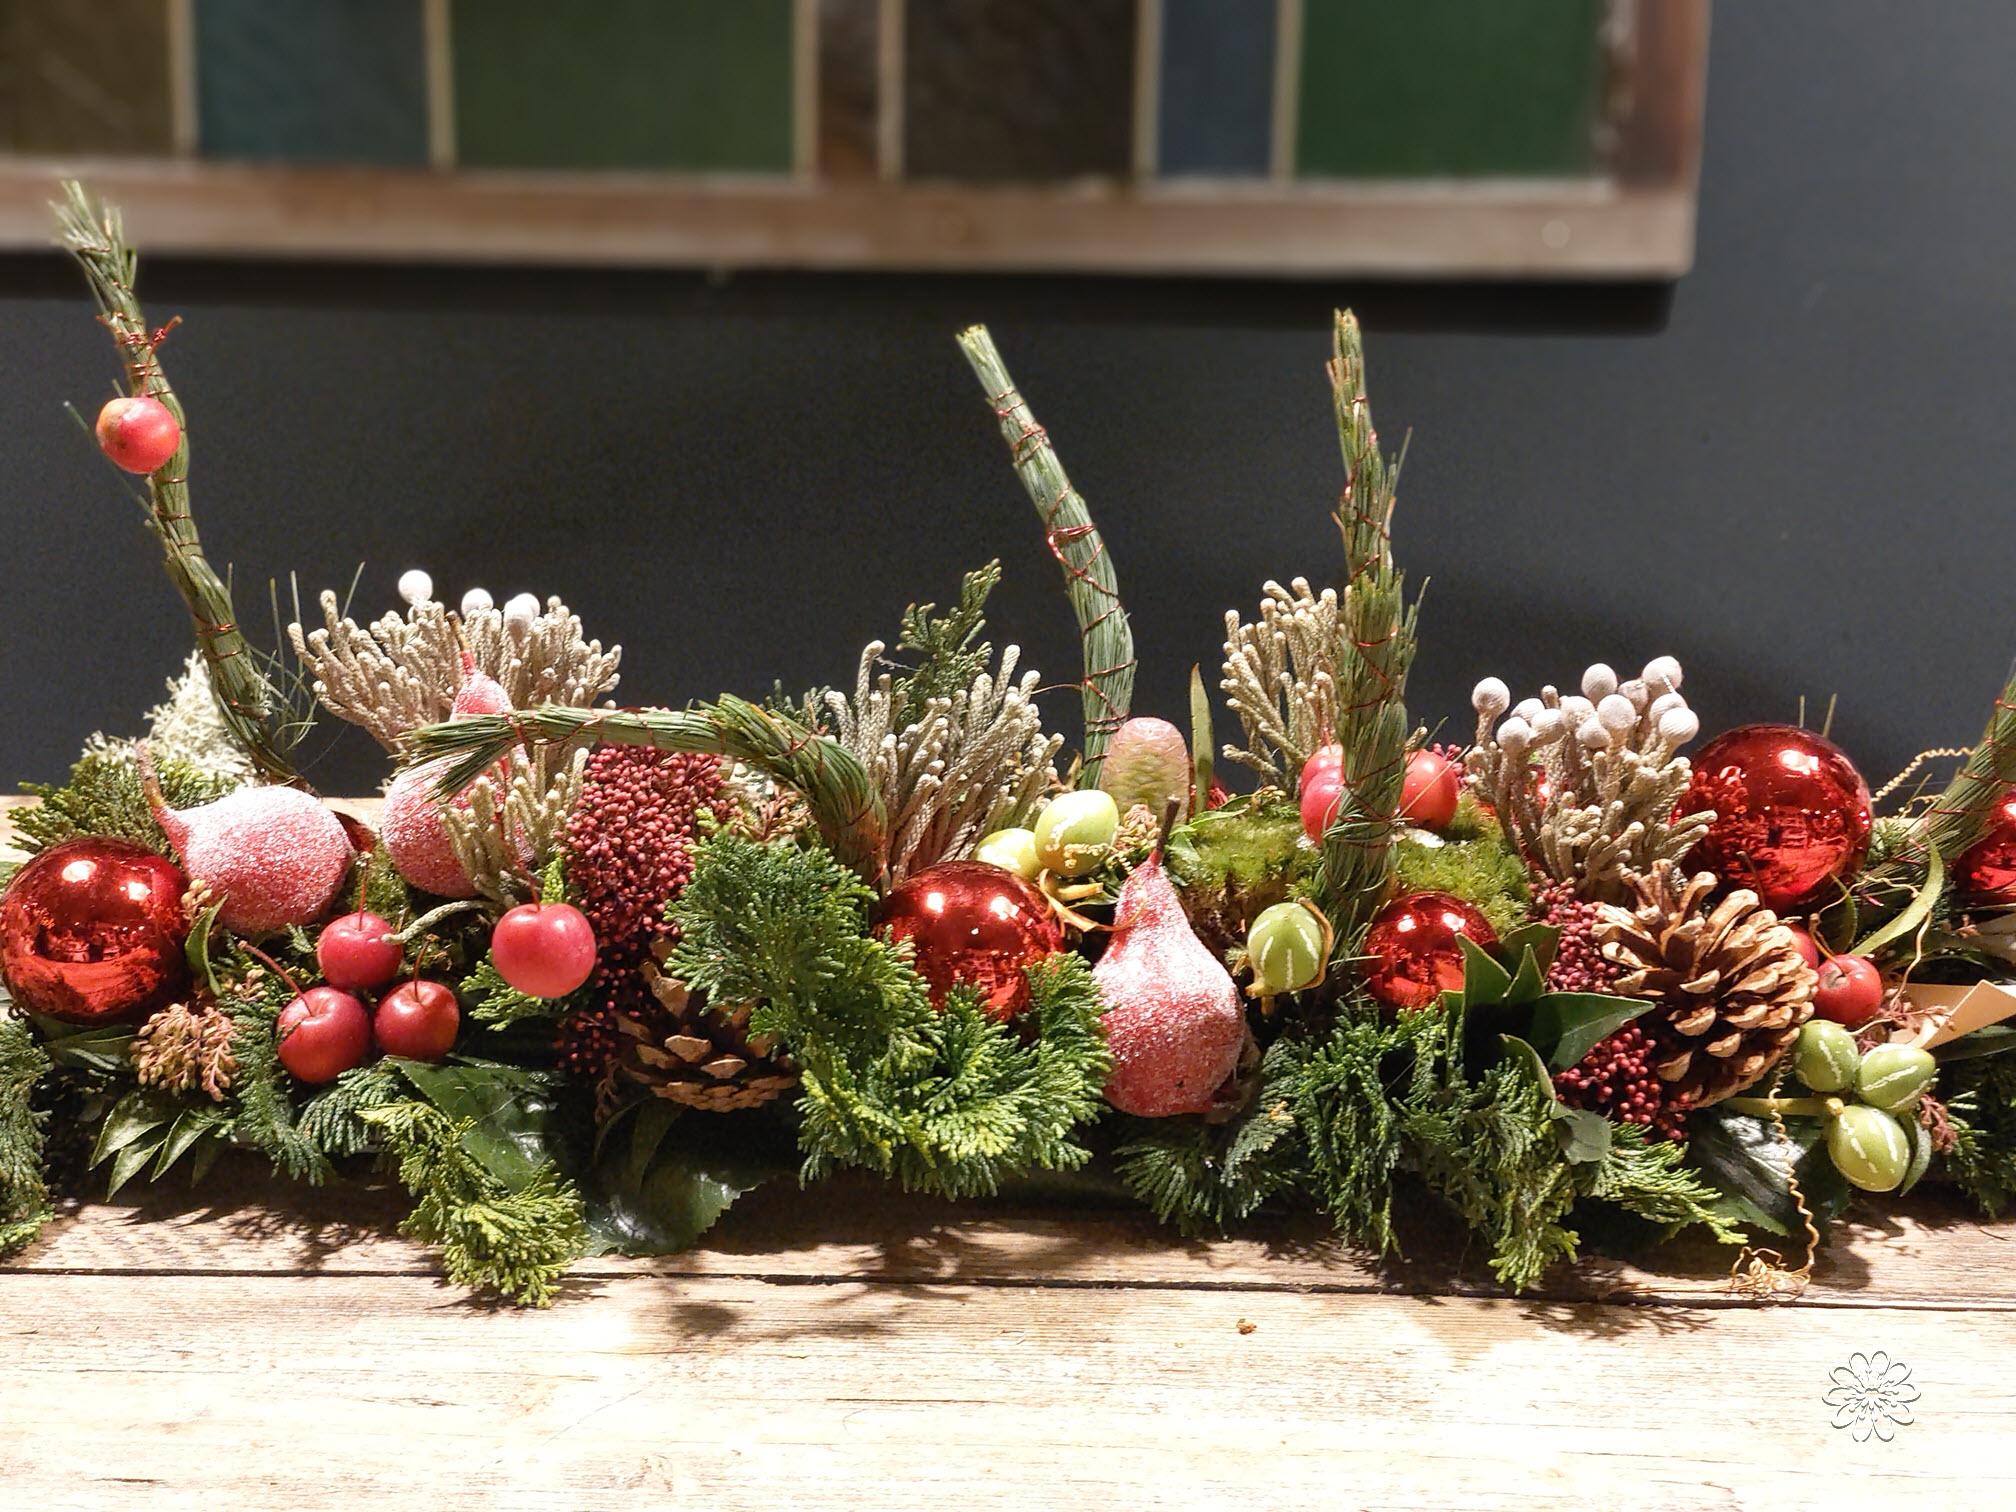 201812-Bloemsierkunst-Groeneveld-Kerst-Haren-Groningen-06